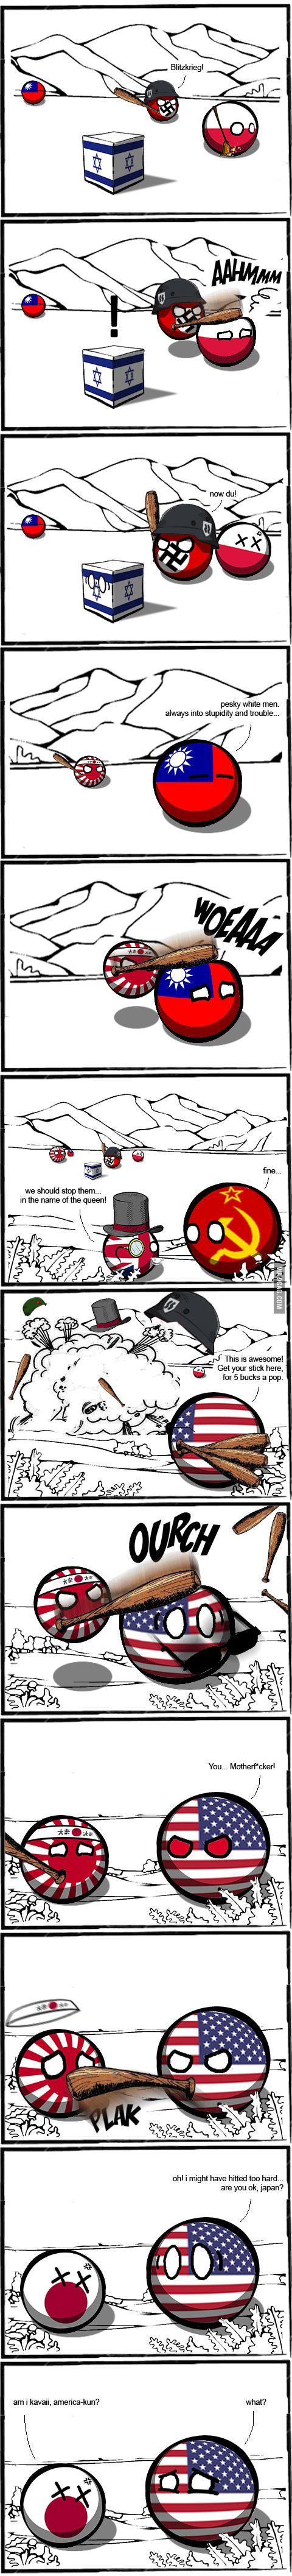 yep...World War II